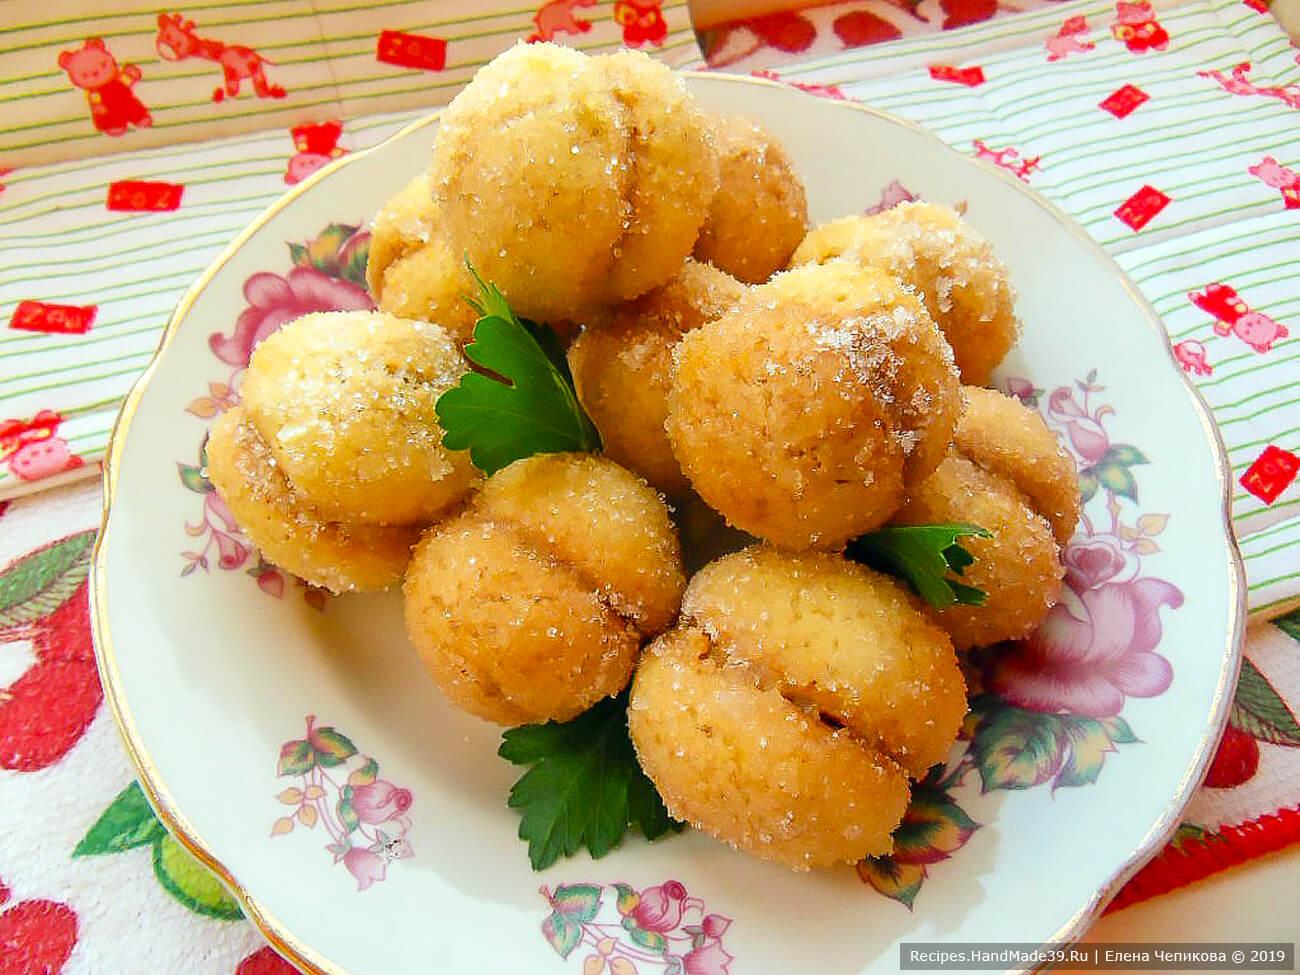 Обвалять пирожные в сахаре, и «персики» с варёной сгущёнкой готовы! Приятного аппетита!